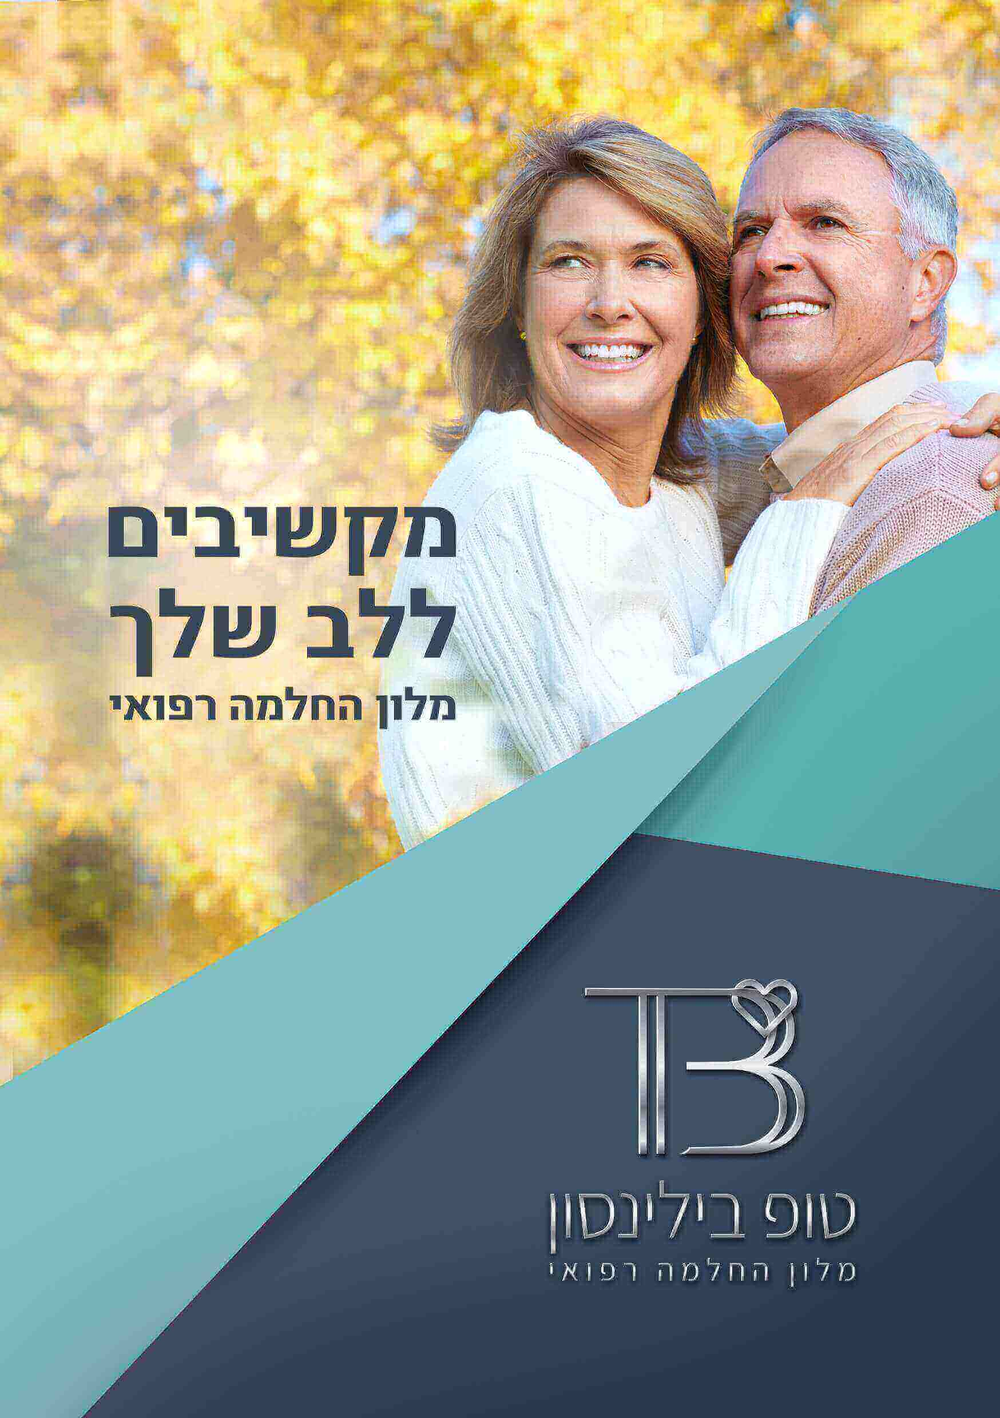 TOP_BELINSON_Brochure-PAGE1 (2)